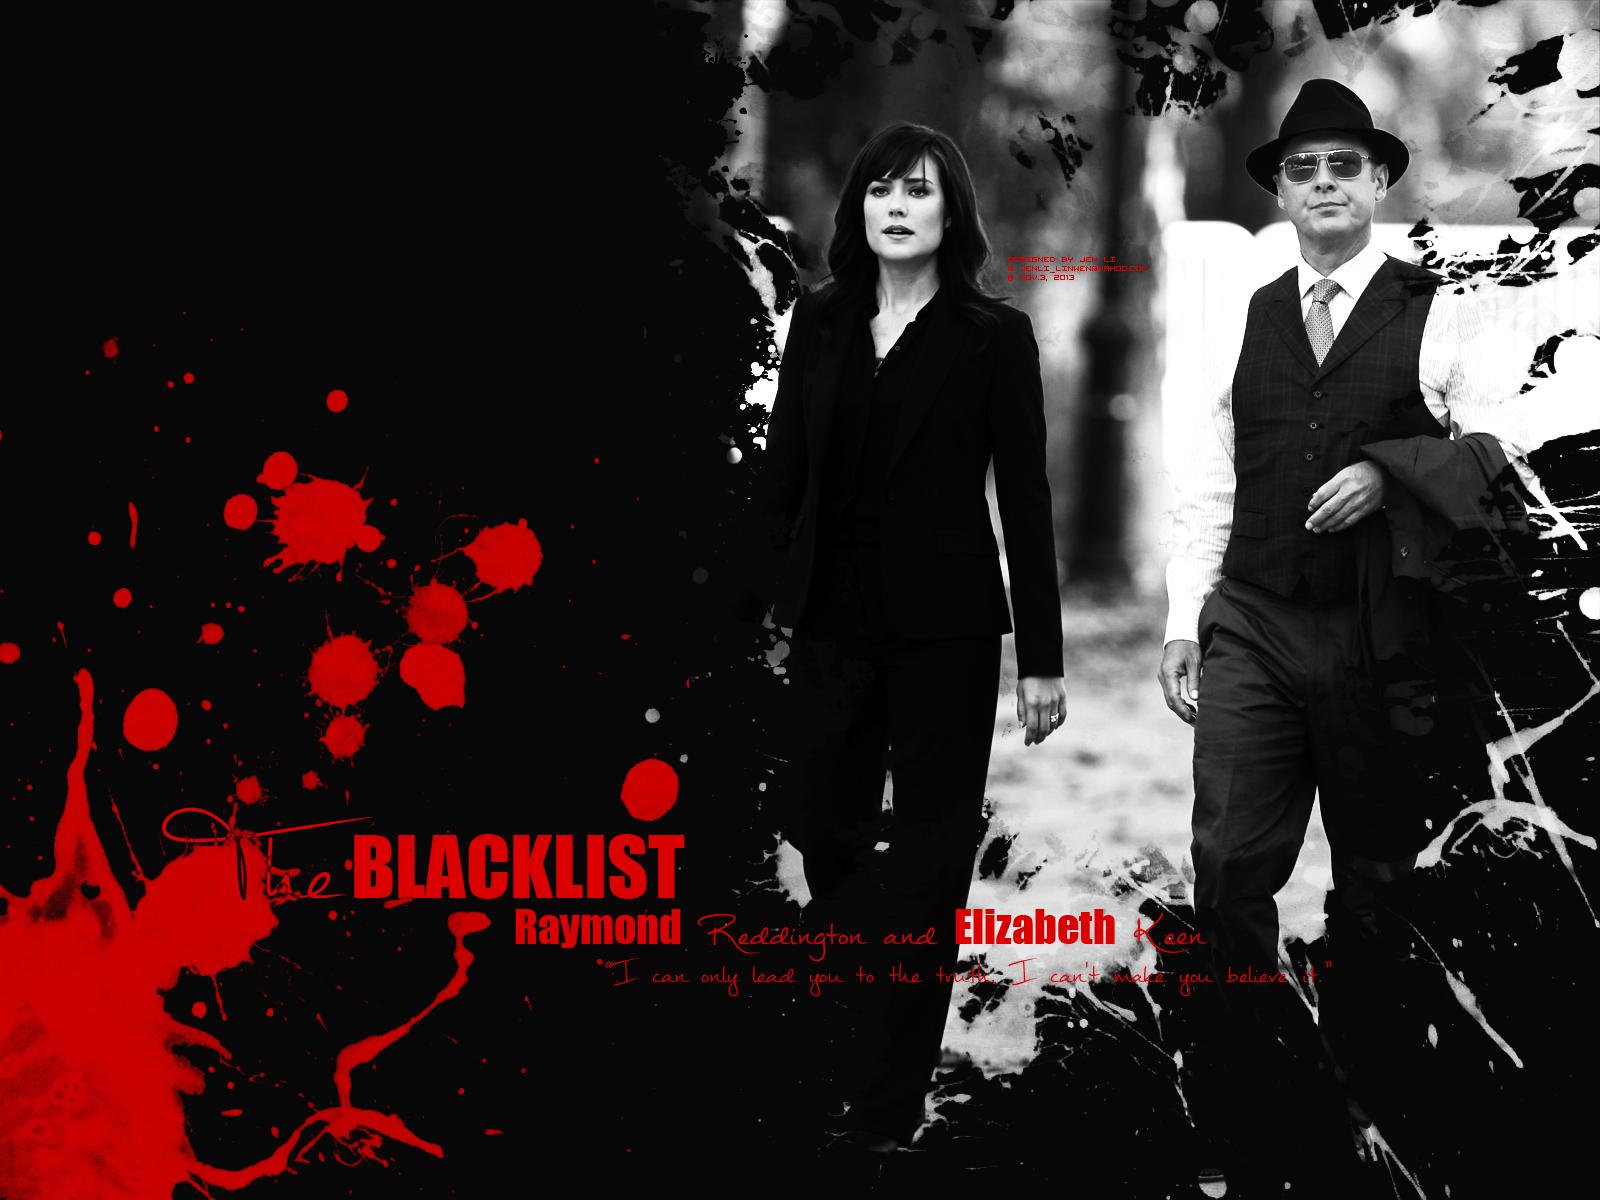 The Blacklist Zoom Background 6